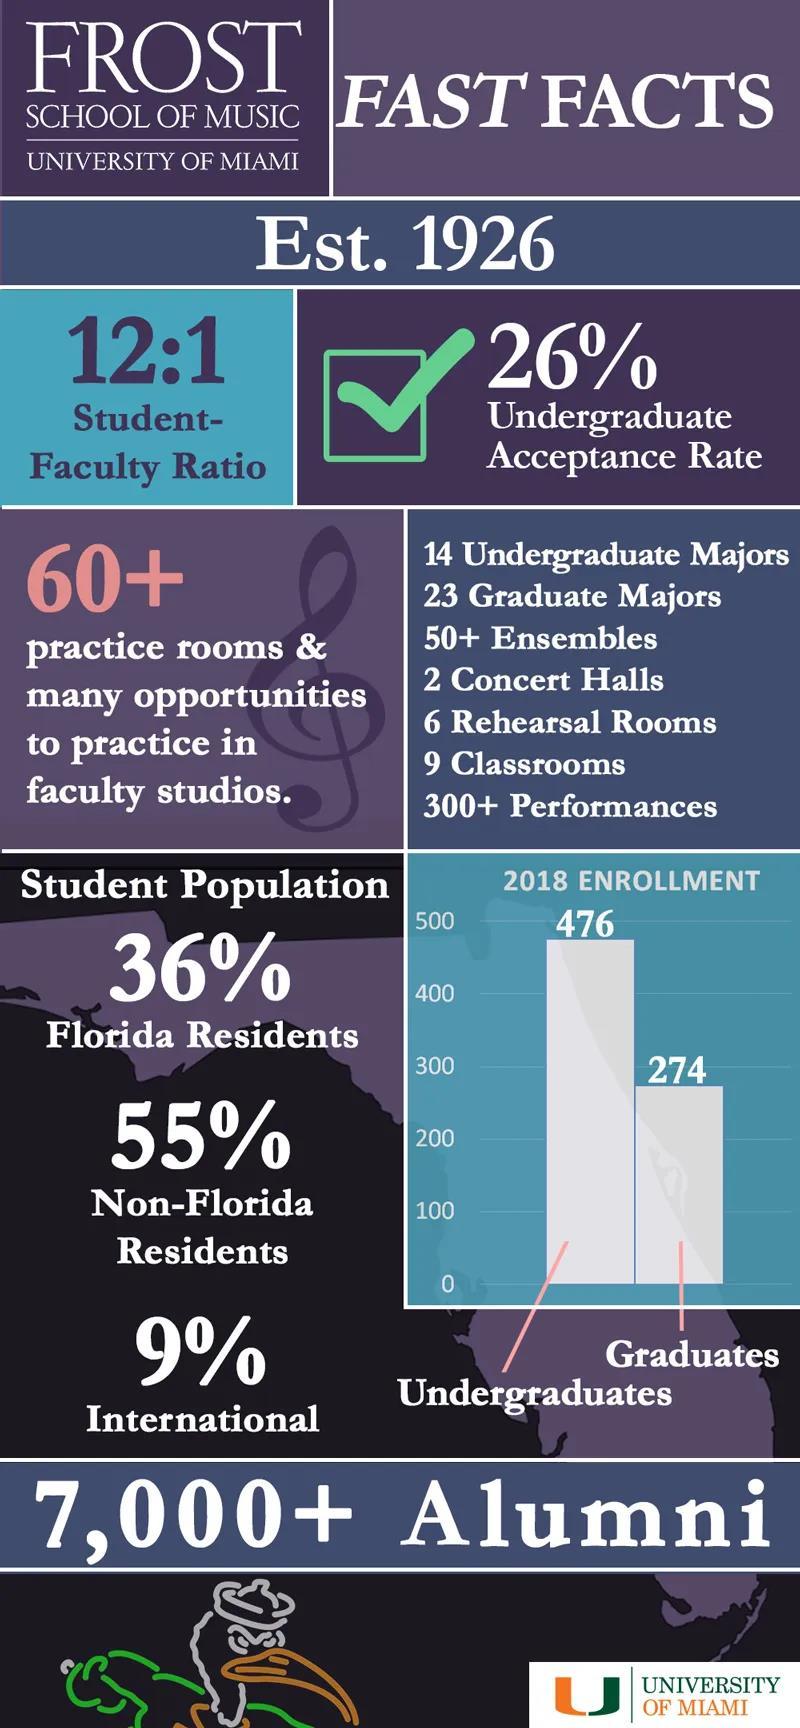 迈阿密大学Frost音乐学院